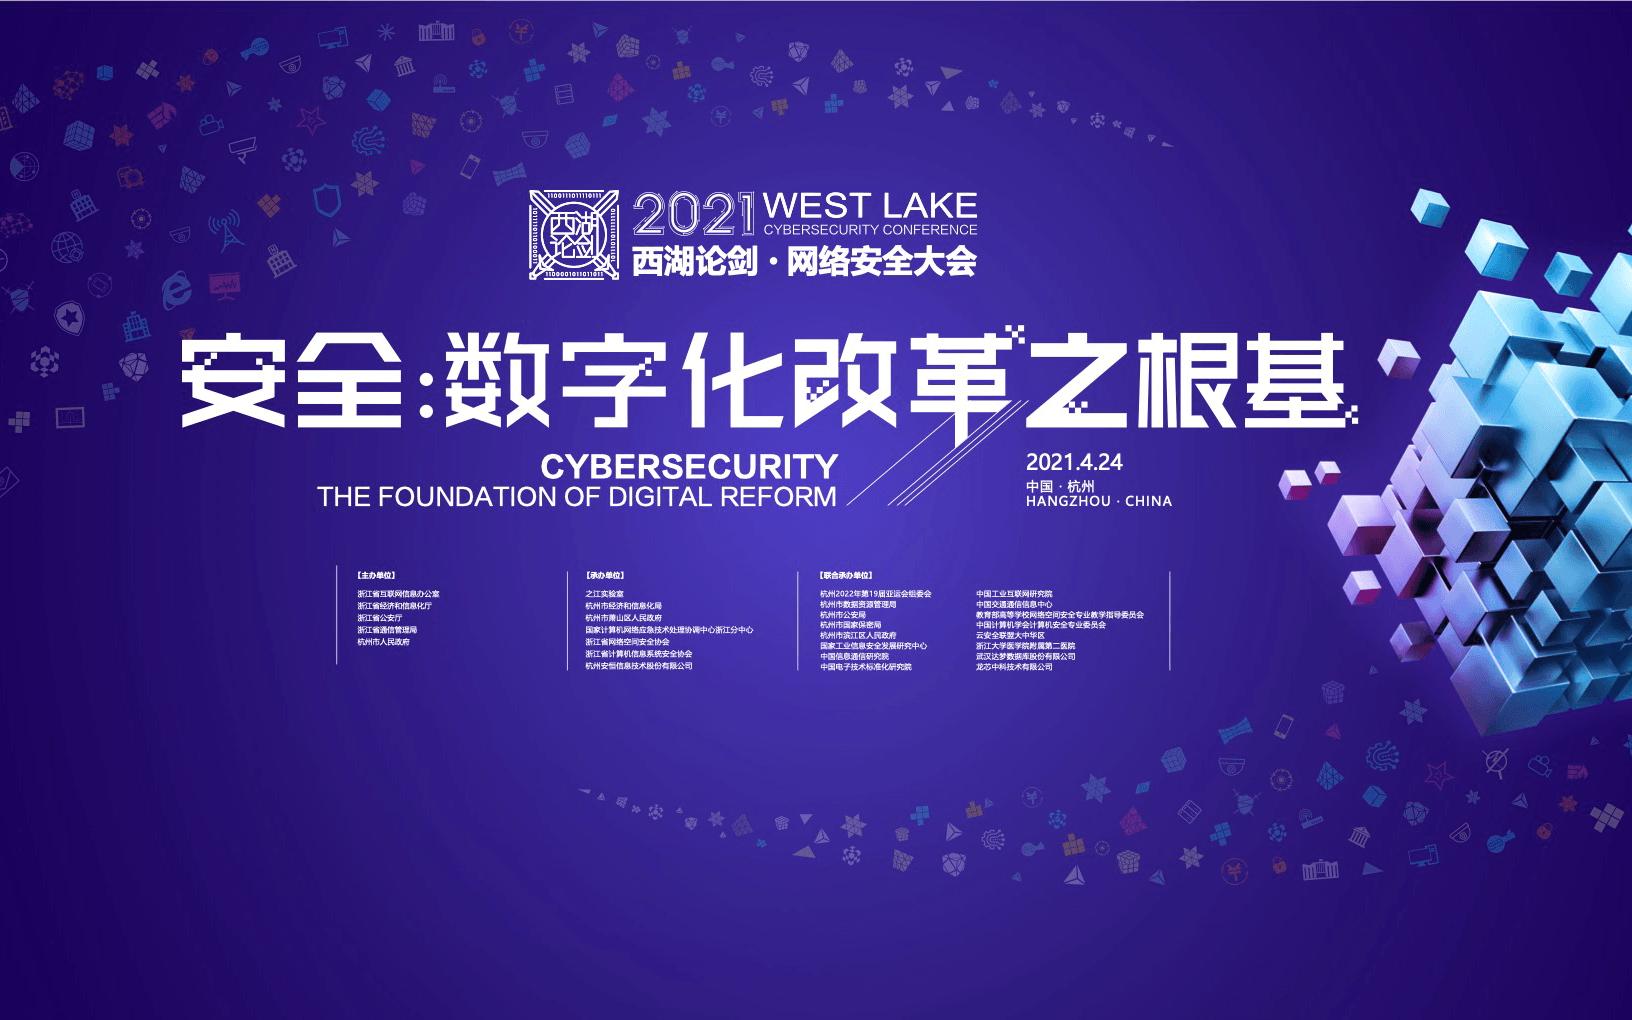 2021年西湖论剑·网络安全大会-安全:数字化改革之根基